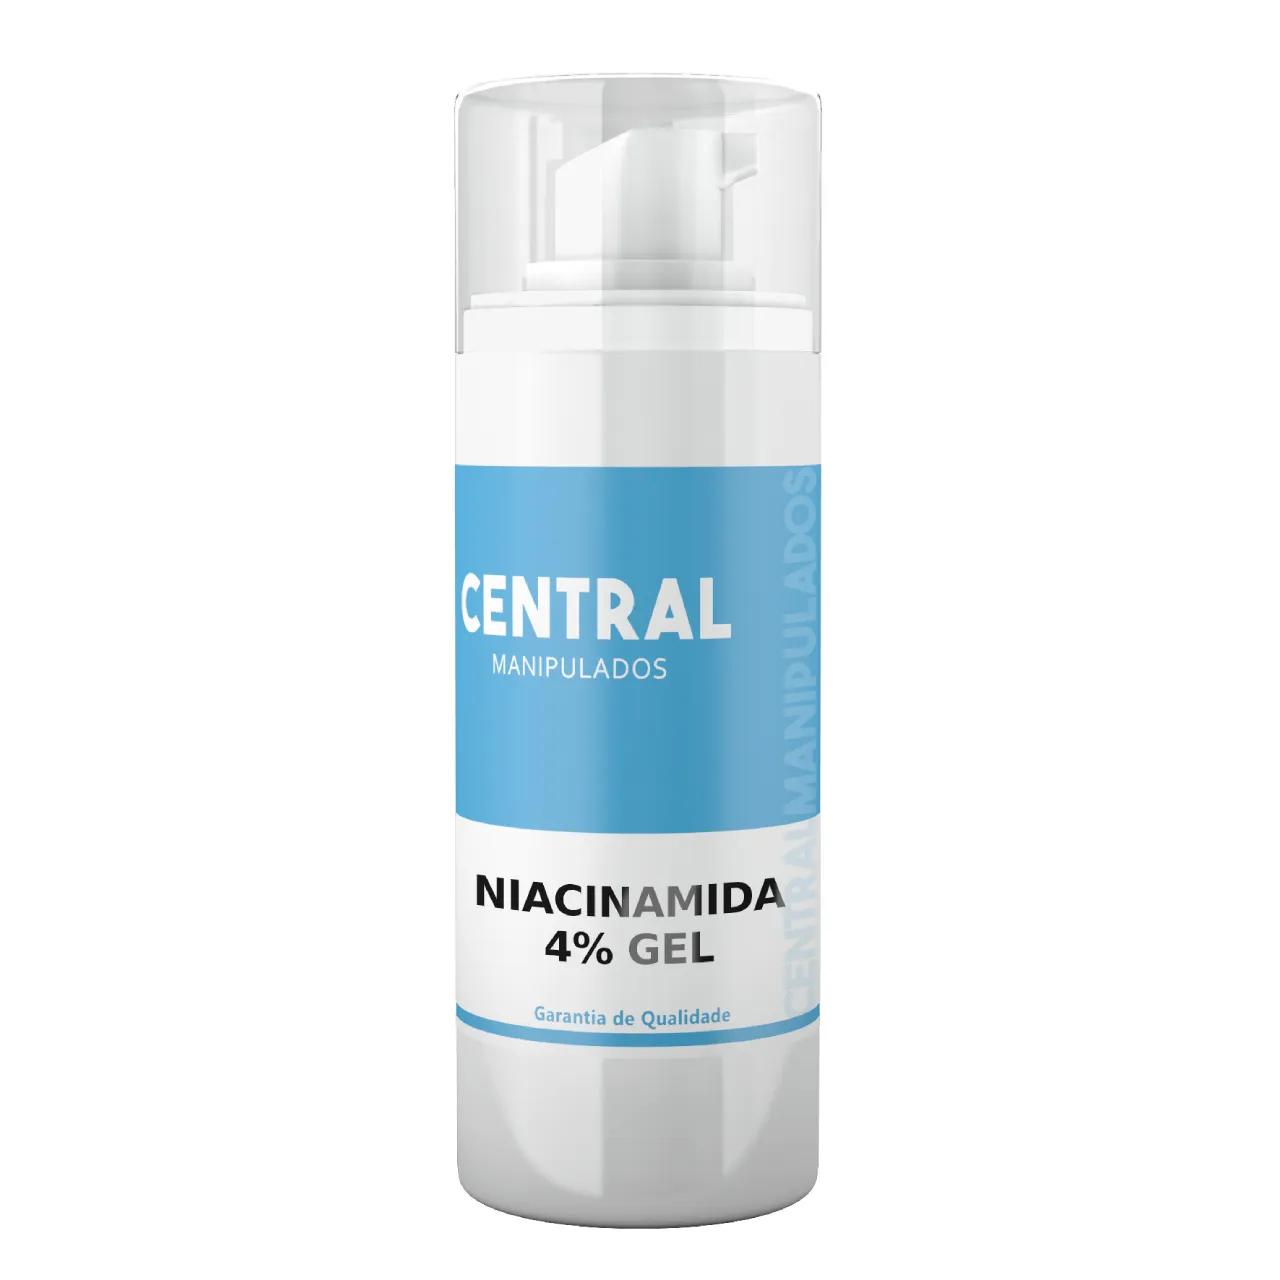 Niacinamida 4% Gel 60g - Ação Antienvelhecimento, uniformidade da pele, ação anti-inflamatória, que ajuda a combater a acne